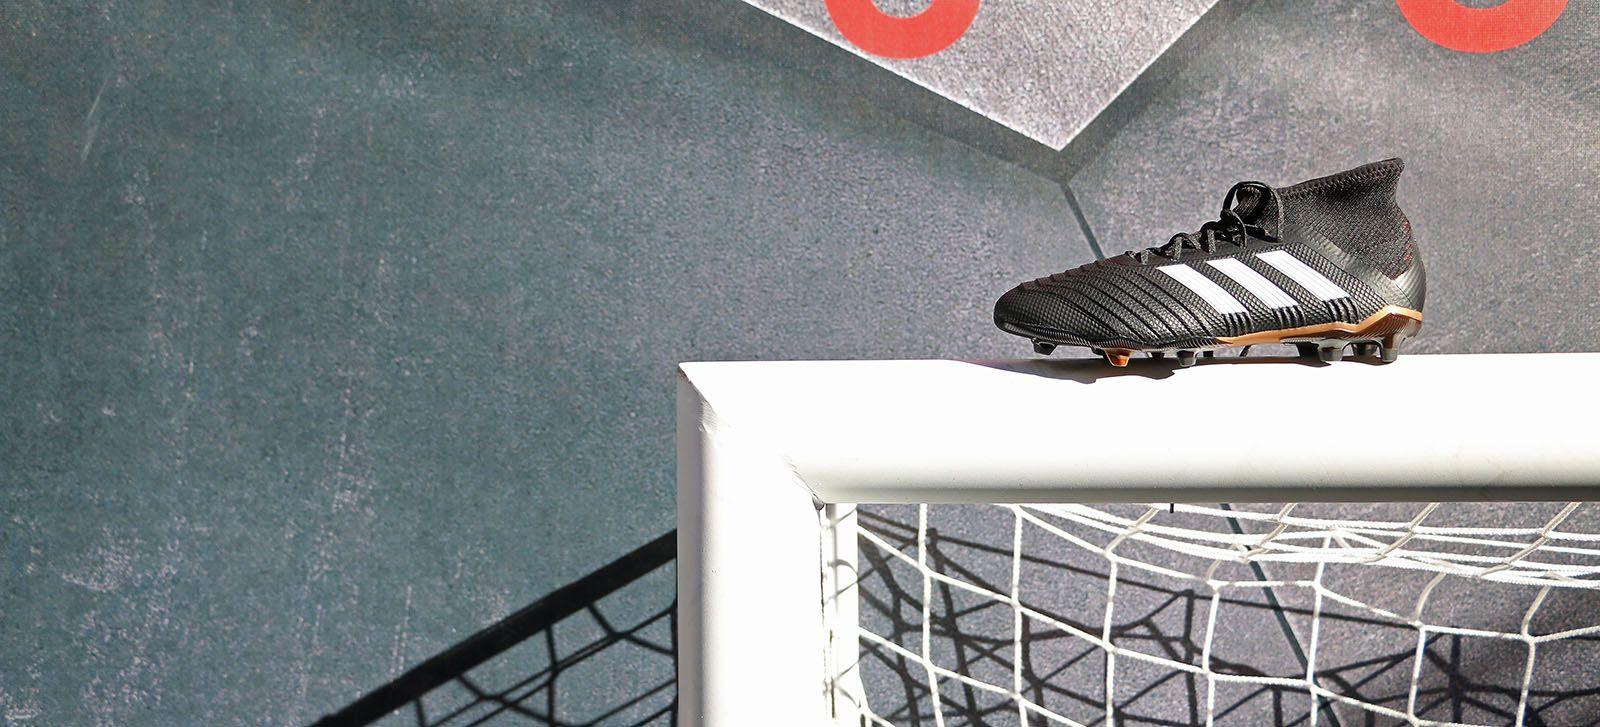 39d12a4707b Botas de fútbol adidas Predator. Foto: Marcela Sansalvador para futbolmania .com